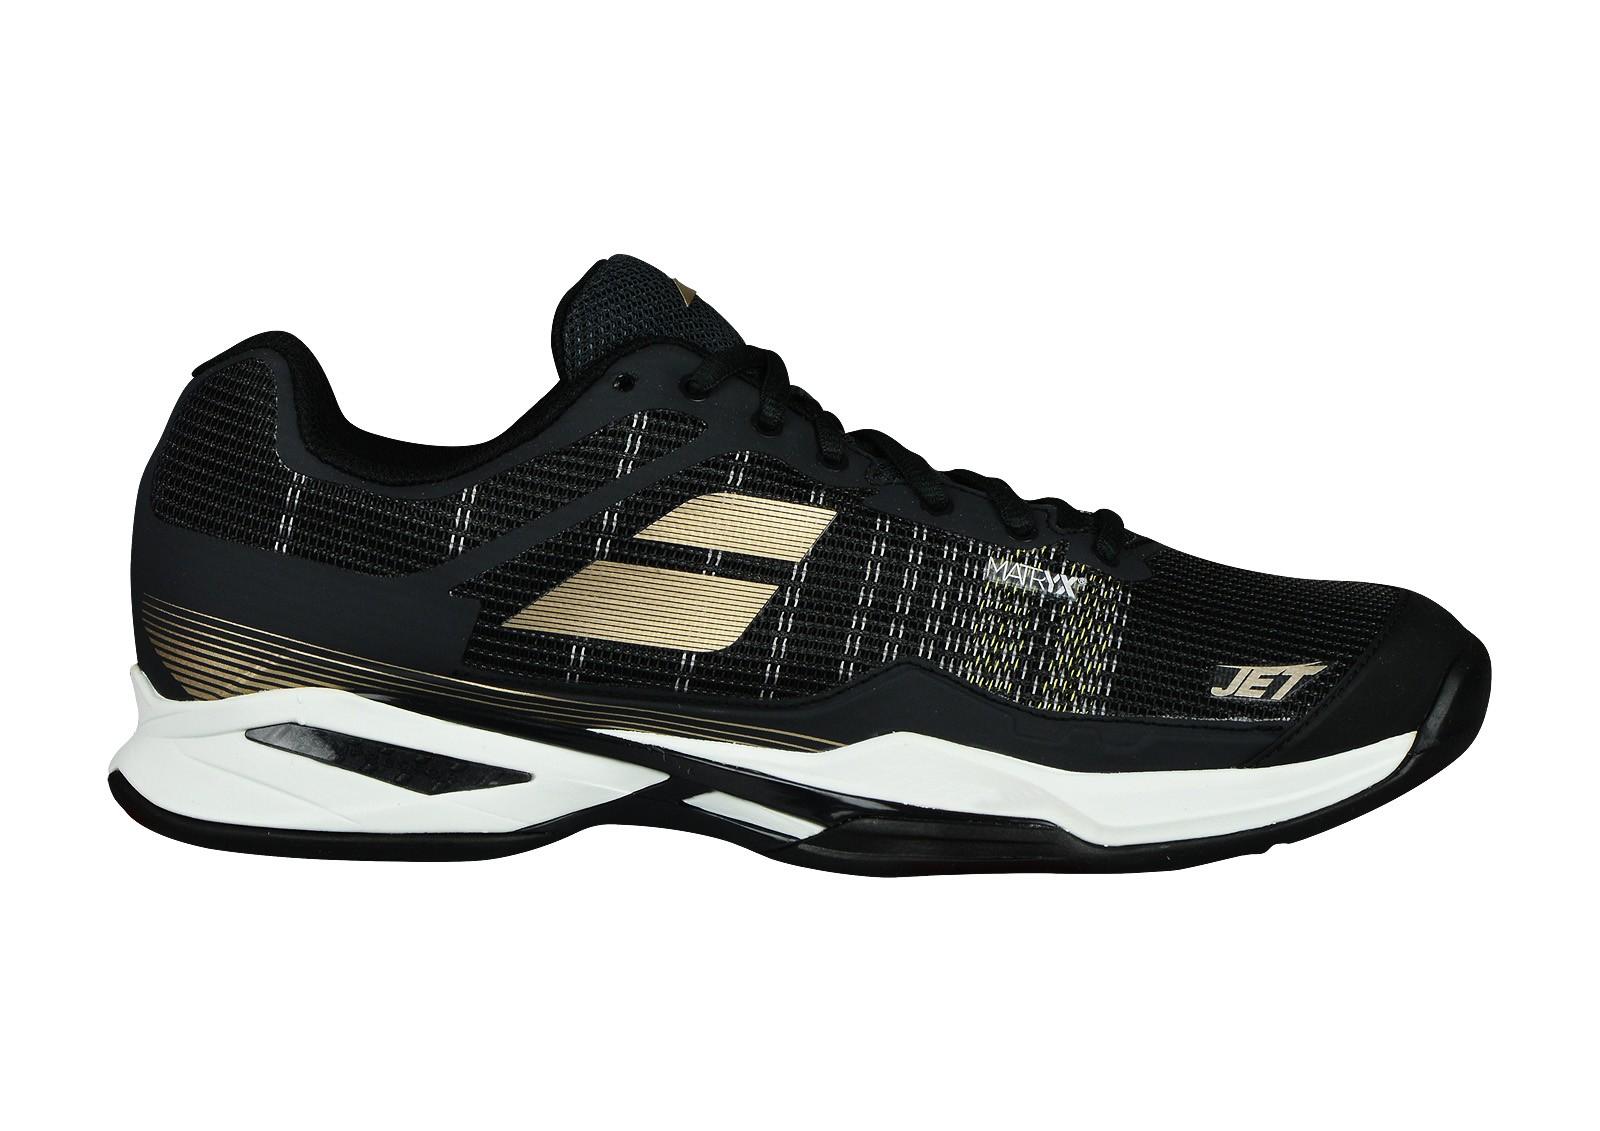 Buty tenisowe Babolat Jet Mach I Clay Black